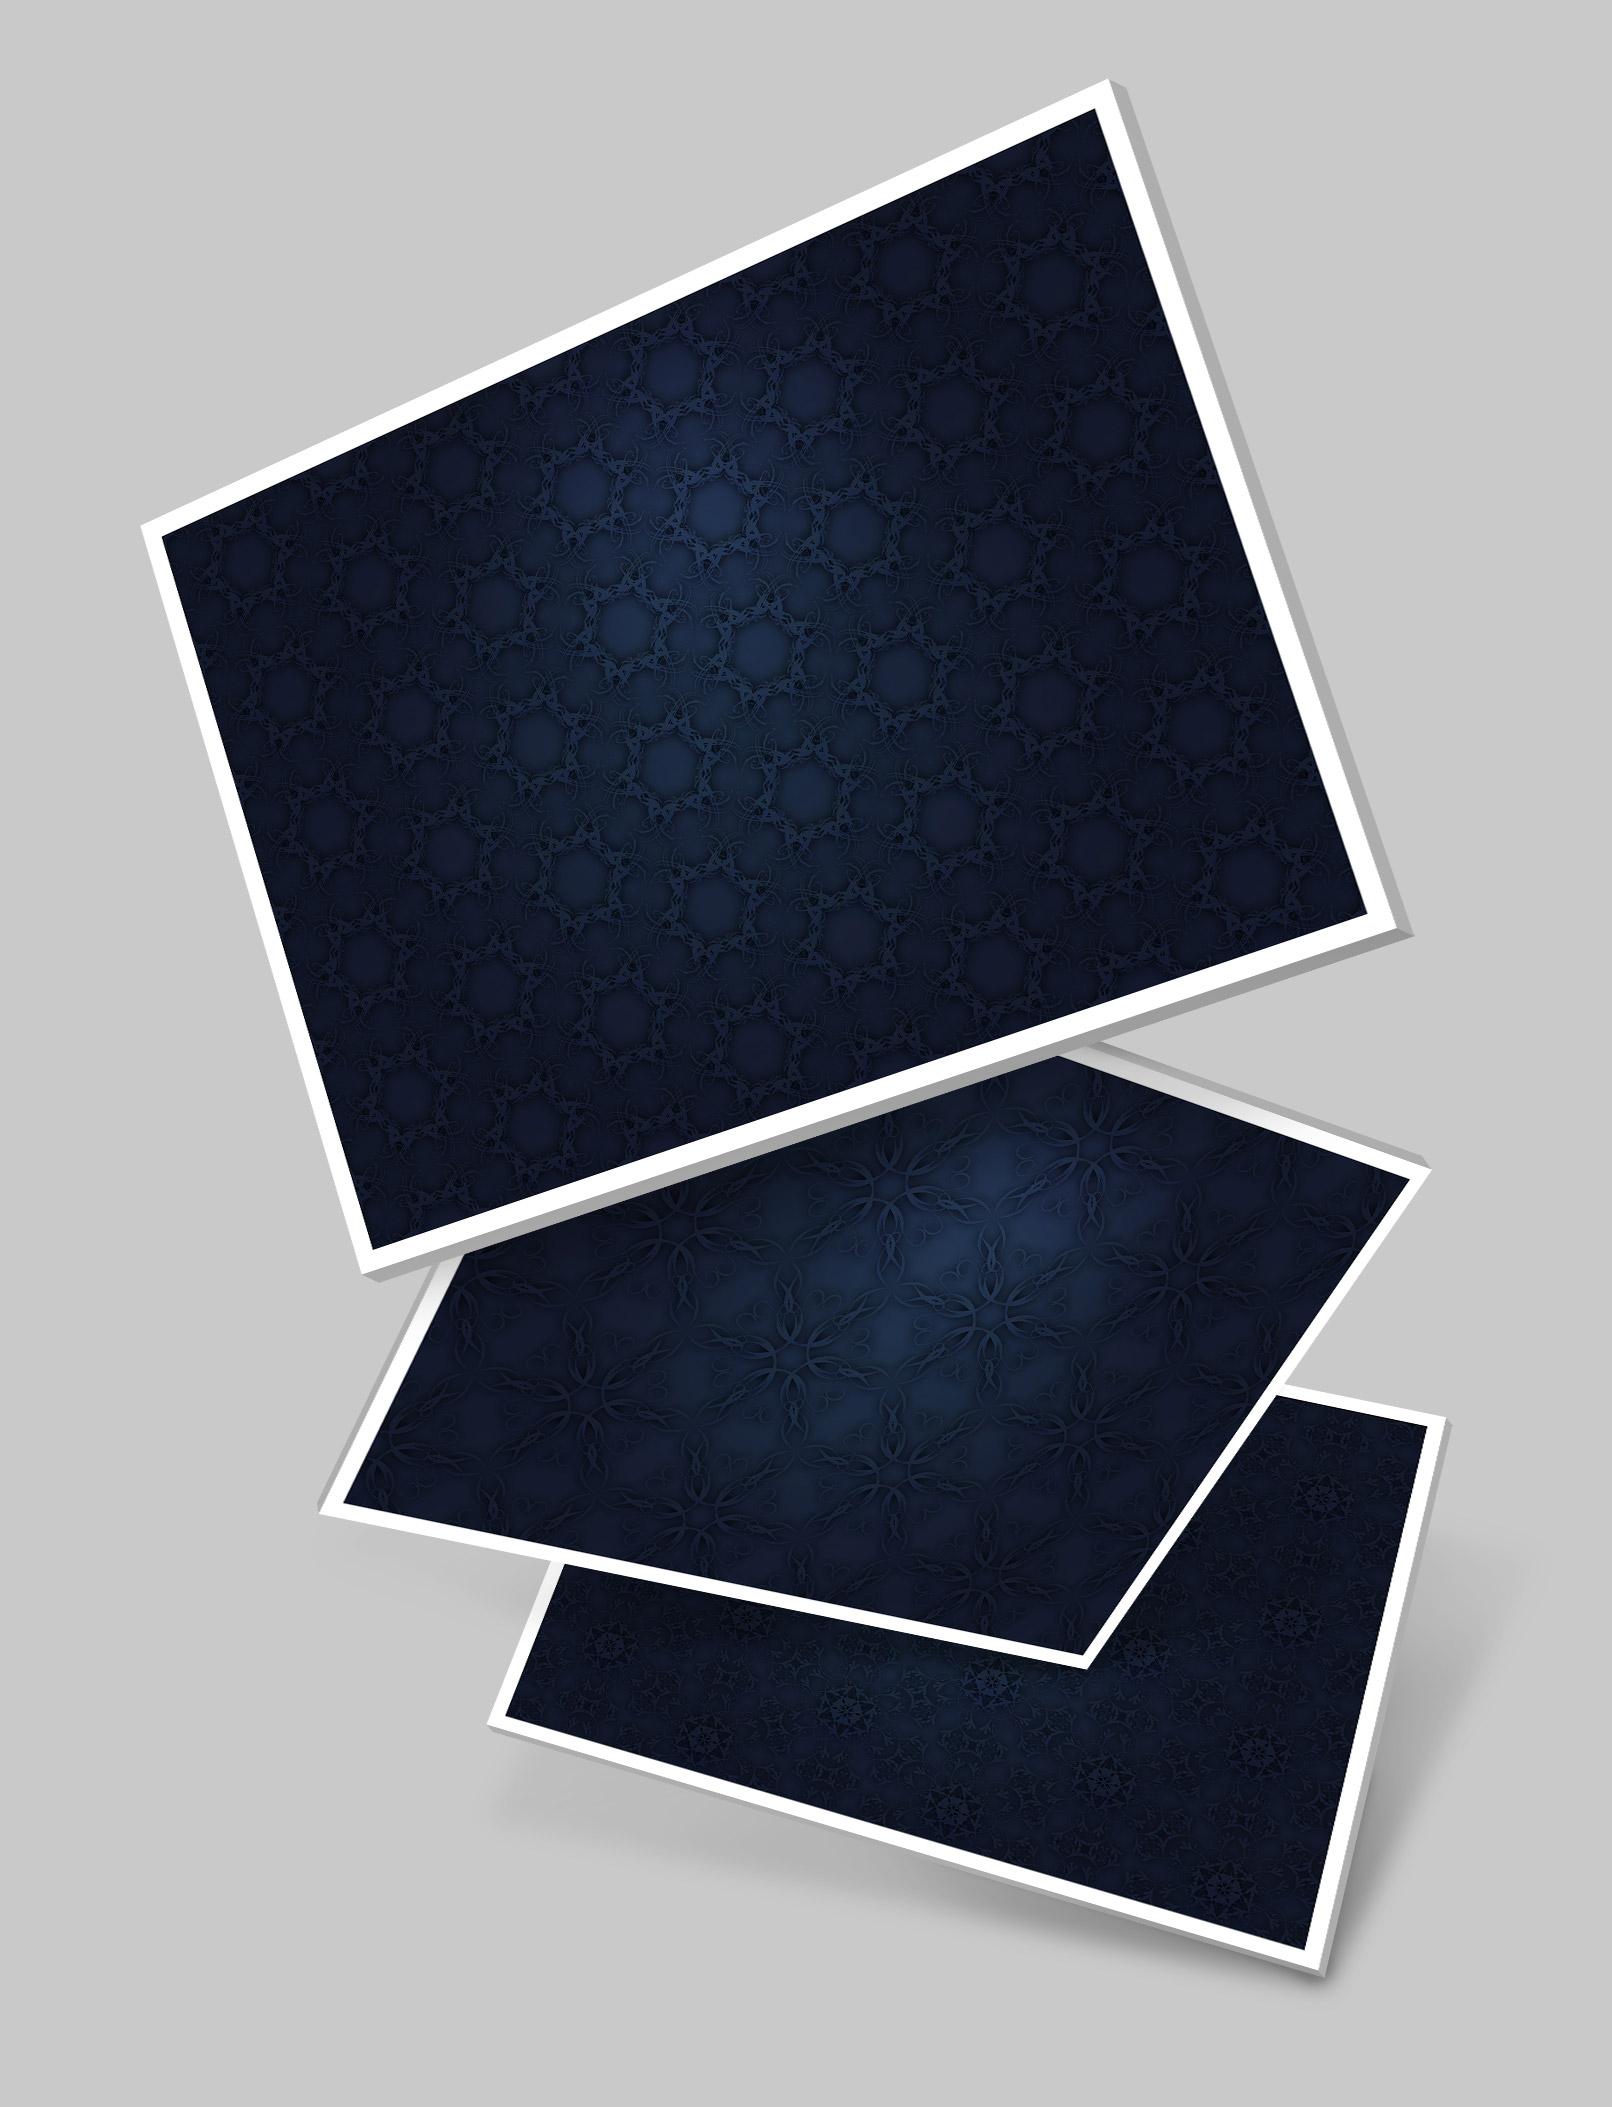 Dunkelblaue Hintergründe aus dem Paket